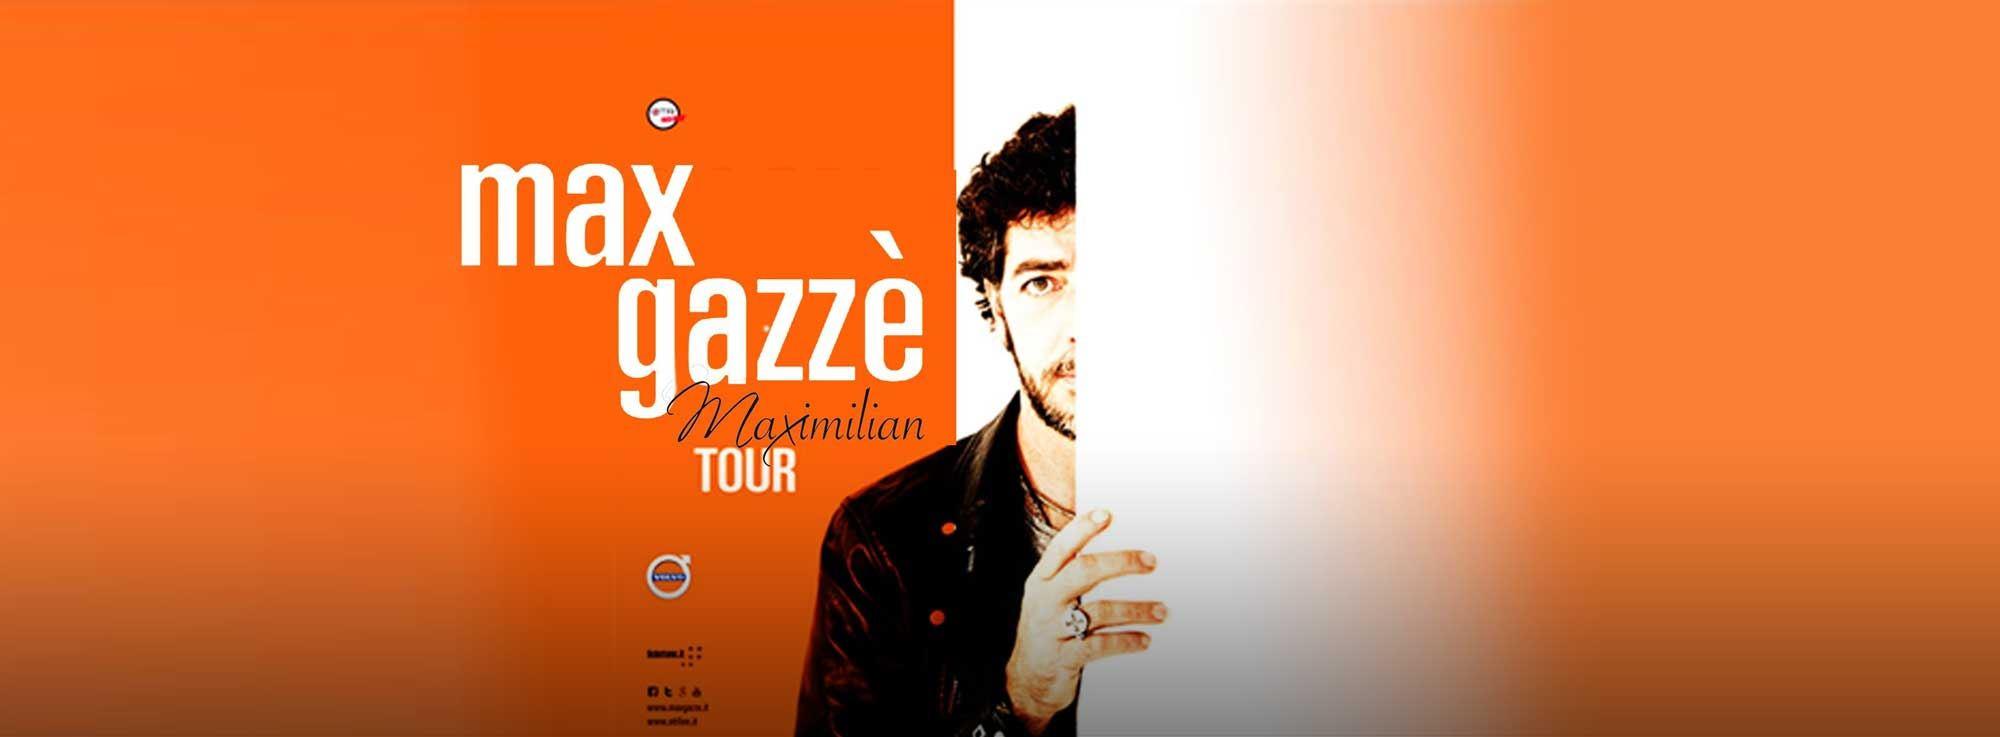 Cerignola: Max Gazzè in concerto - Maximilian Tour